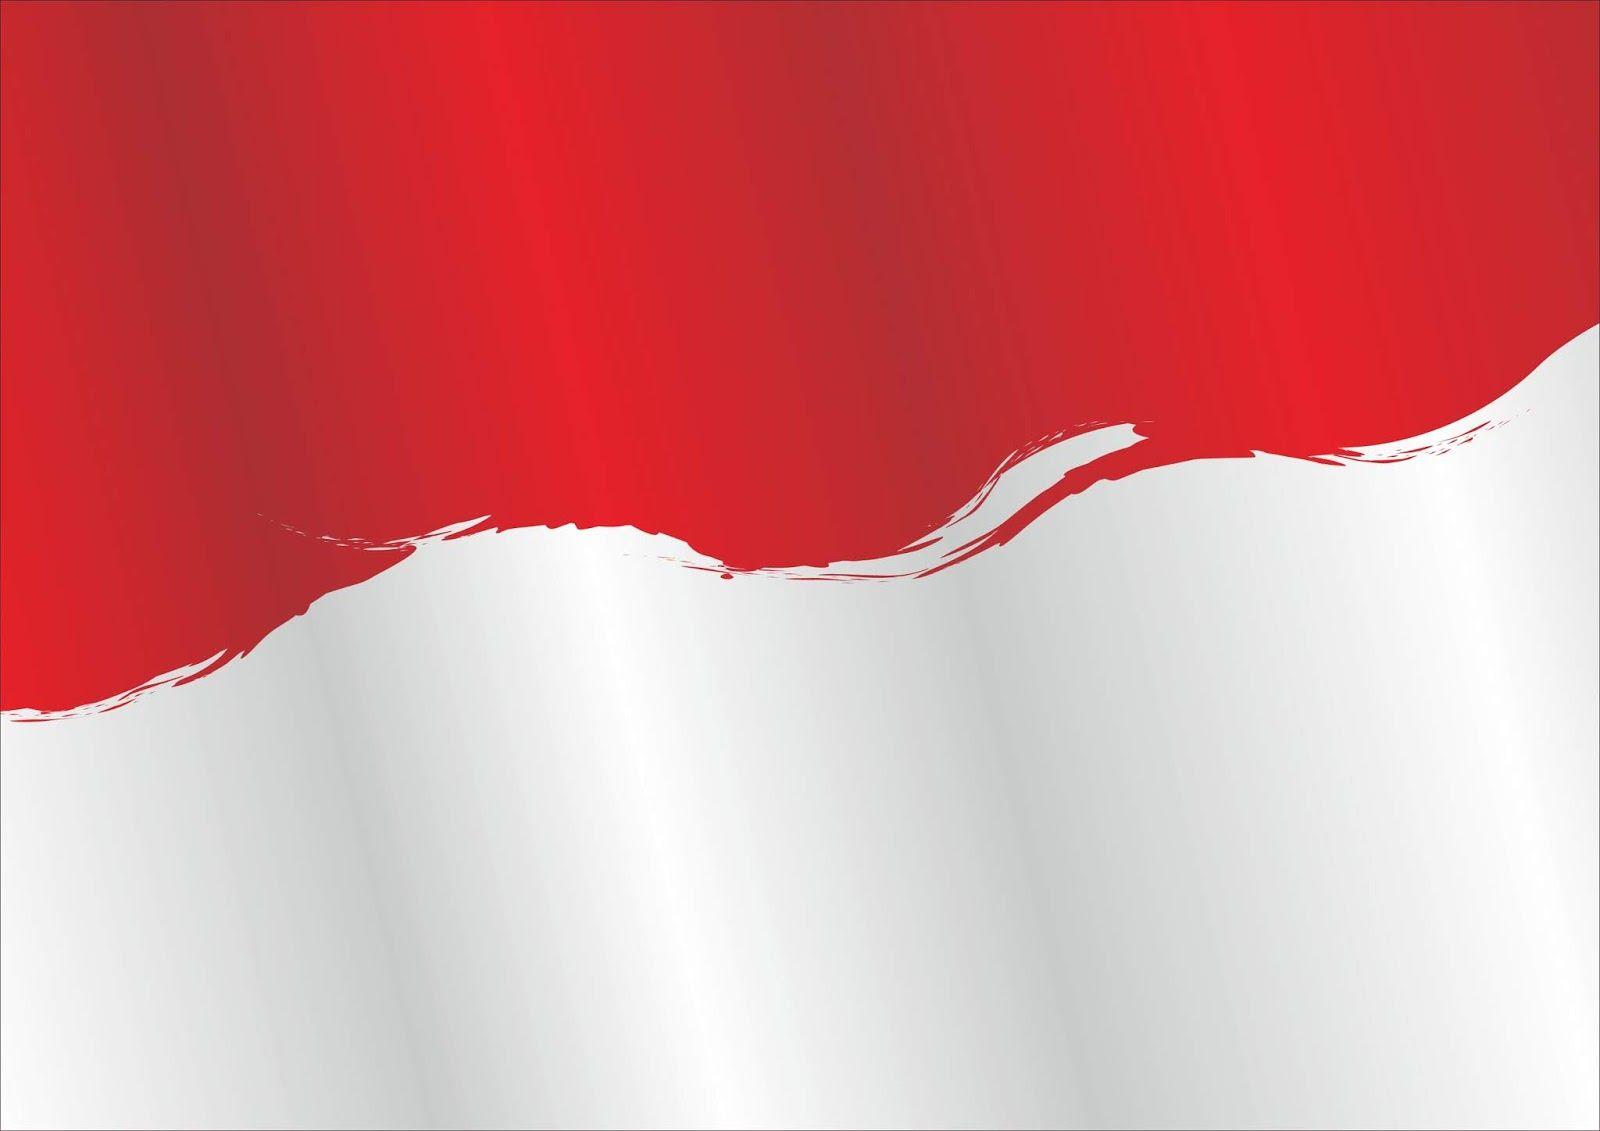 Bendera Negara Putih Merah